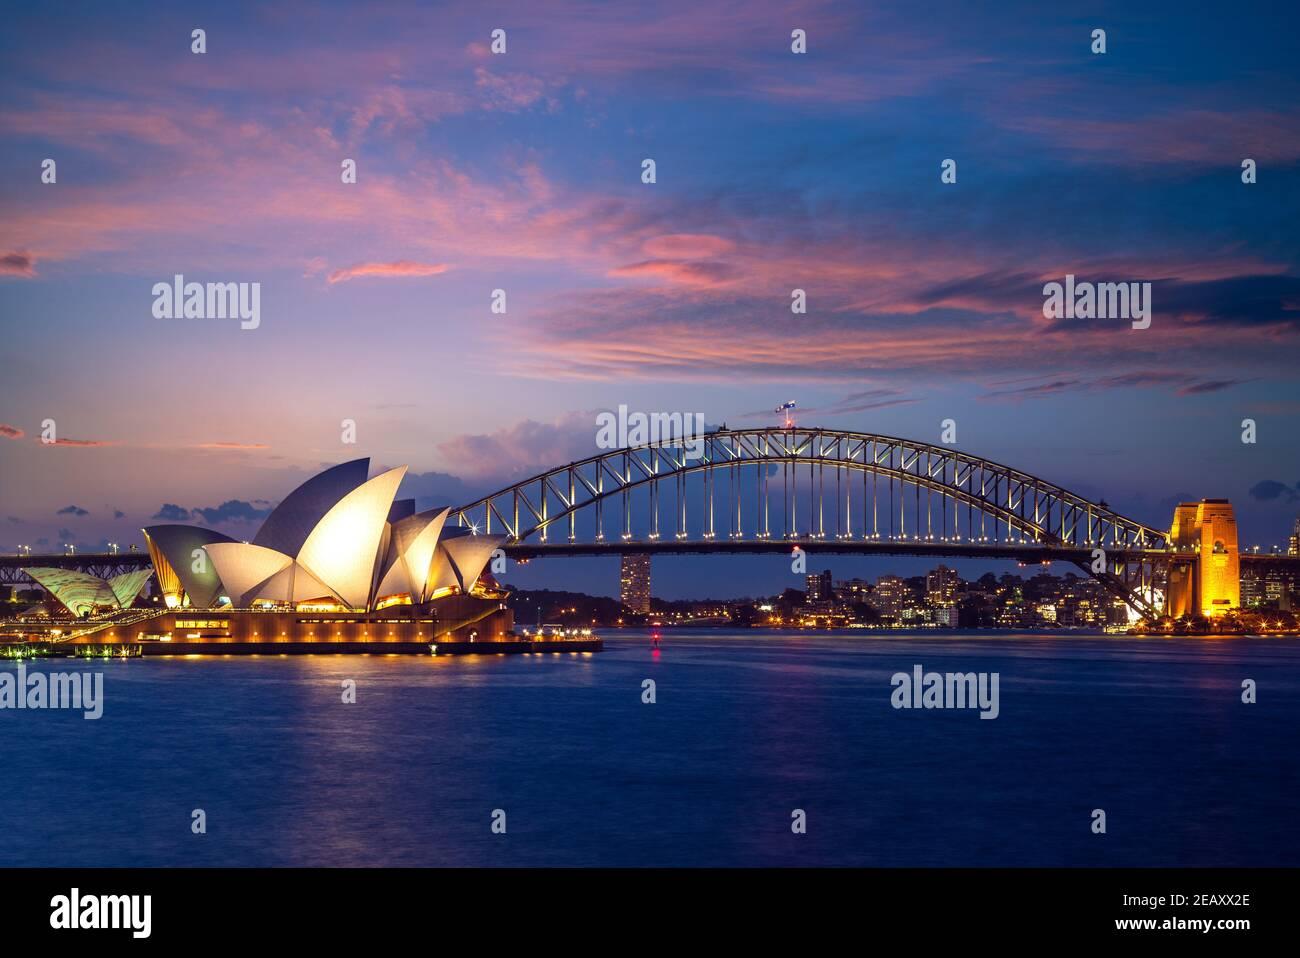 5 janvier 2019 : Opéra de sydney, centre multilieu des arts de la scène dans le port de Sydney situé à Sydney, Nouvelle-Galles du Sud, Australie. Il est devenu un Banque D'Images